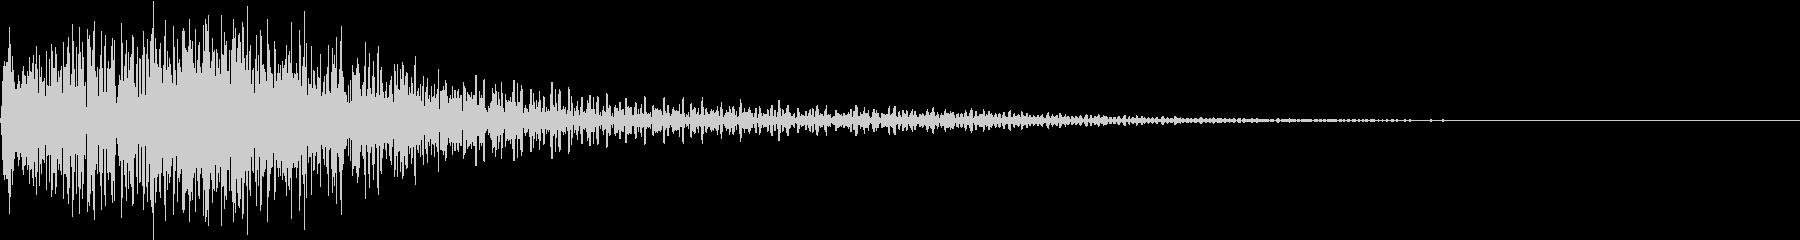 衝撃音(ドギョーン)の未再生の波形